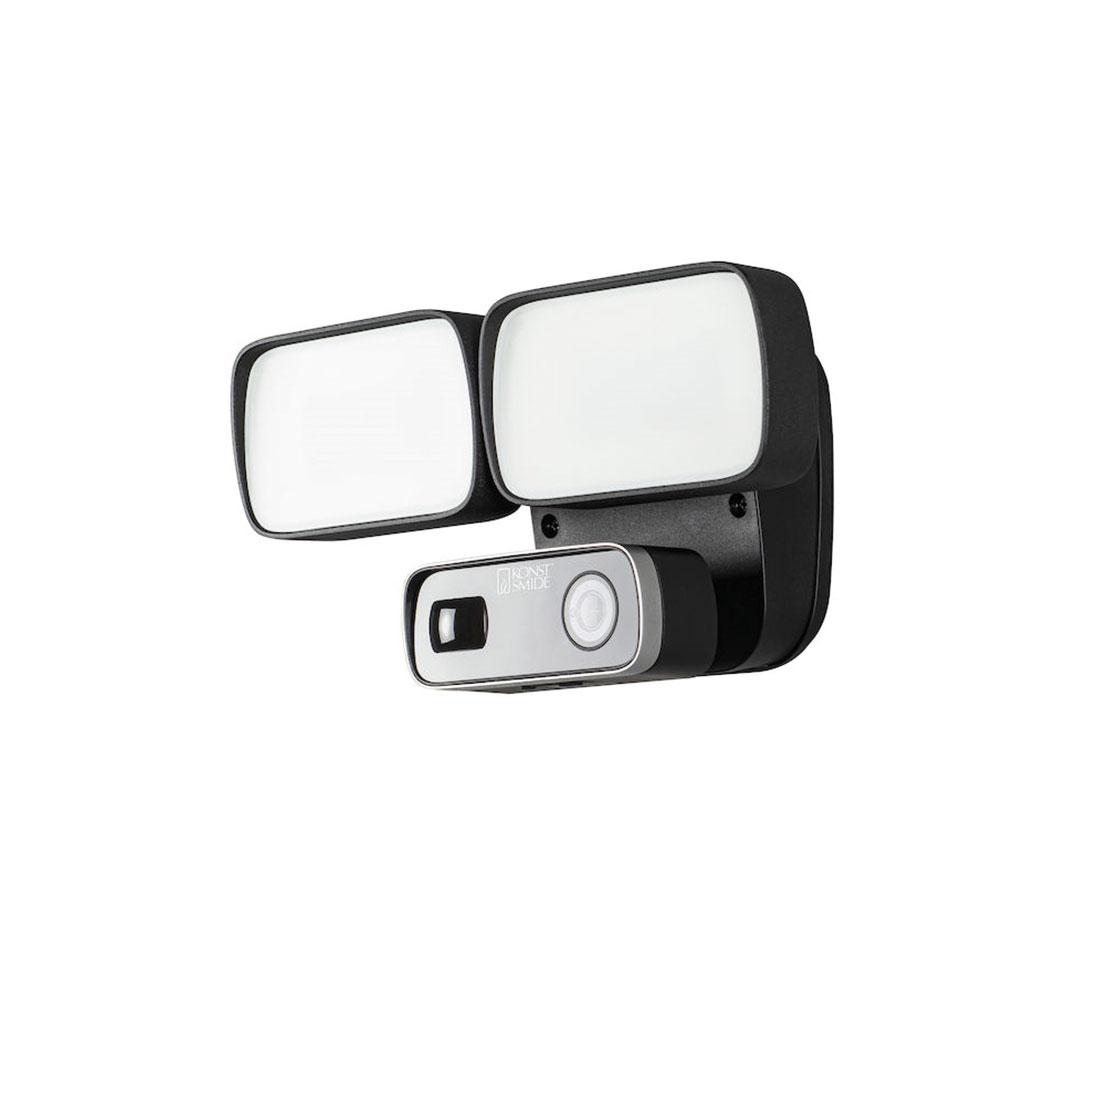 Smartlight 24W Kamera, høyttalere, mikrofon og Wifi svart